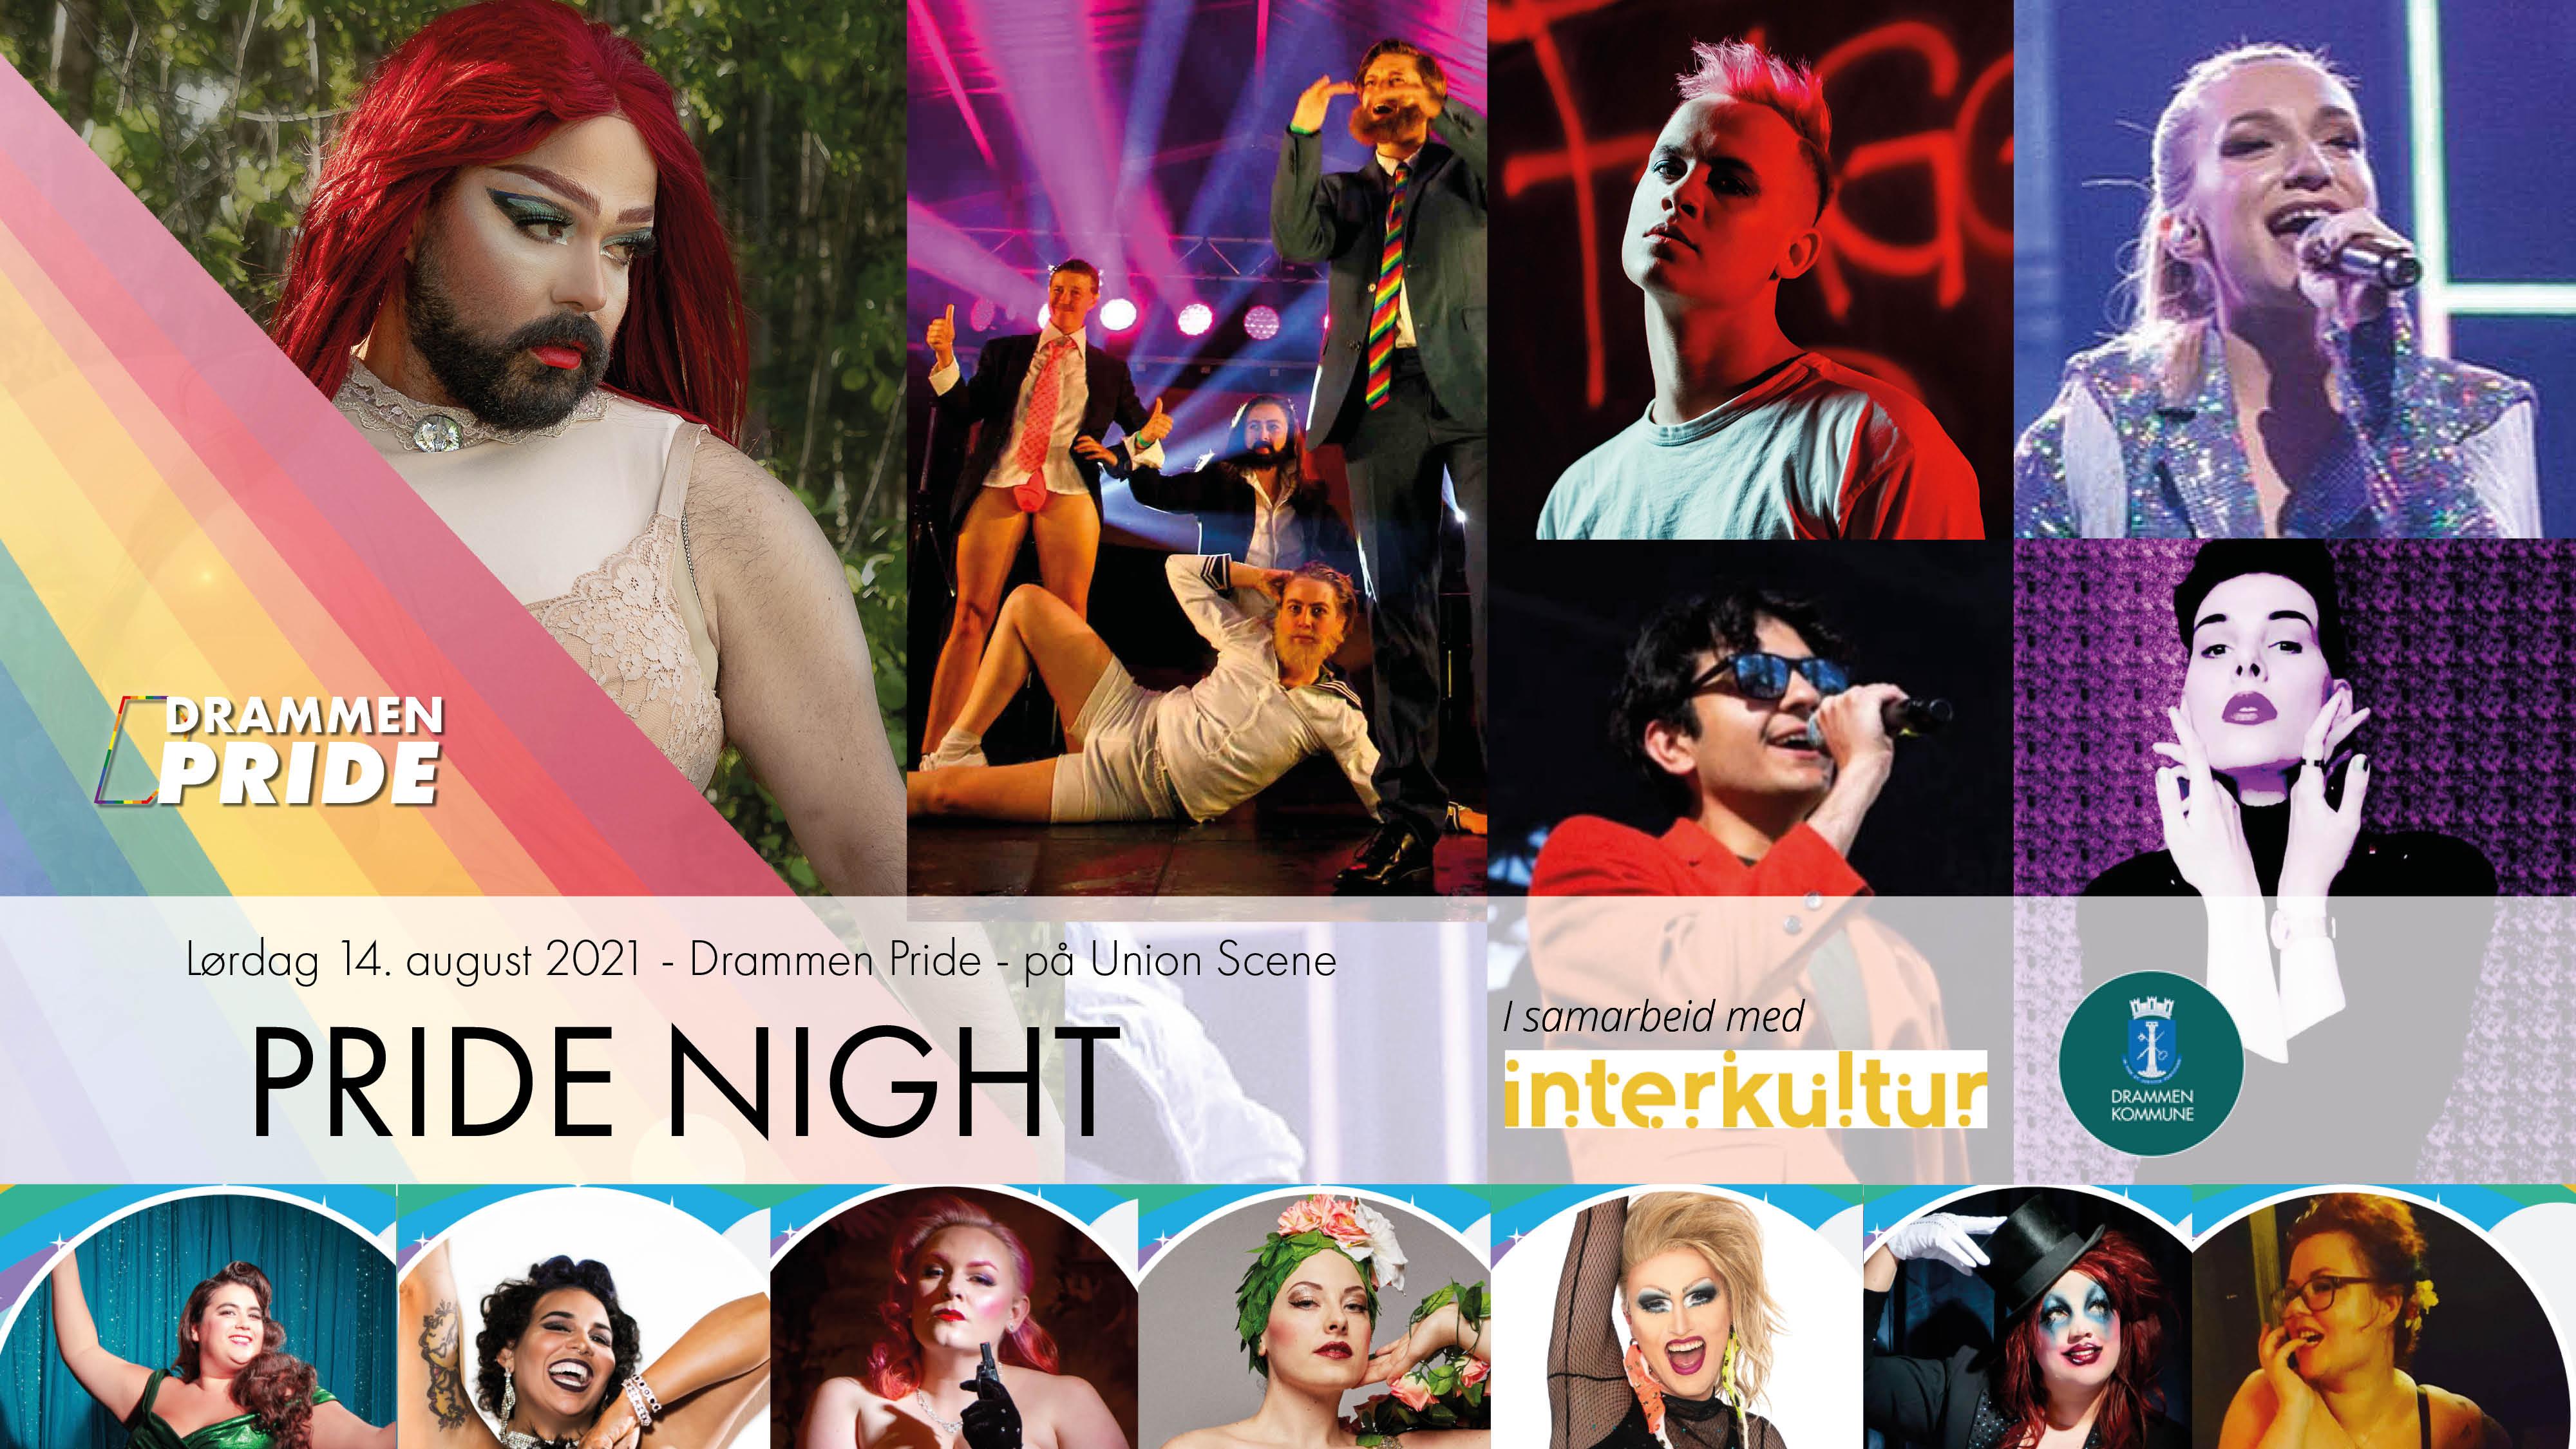 Drammen Pride Night 2021